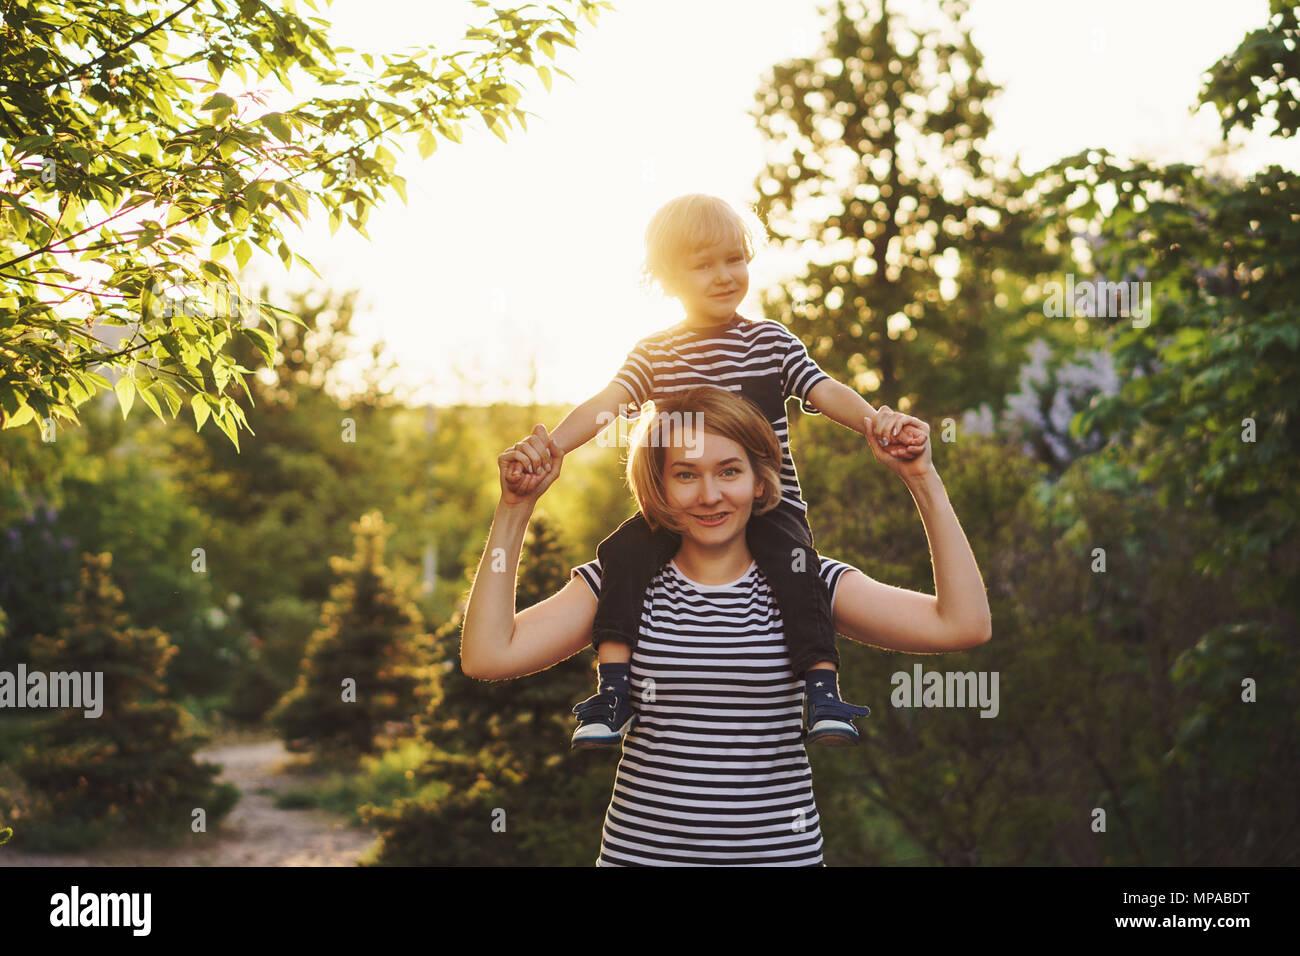 Madre e hijo en rayas T-shirts. Mujer sosteniendo boy en piggieback. La familia juntos. Divertirse Imagen De Stock